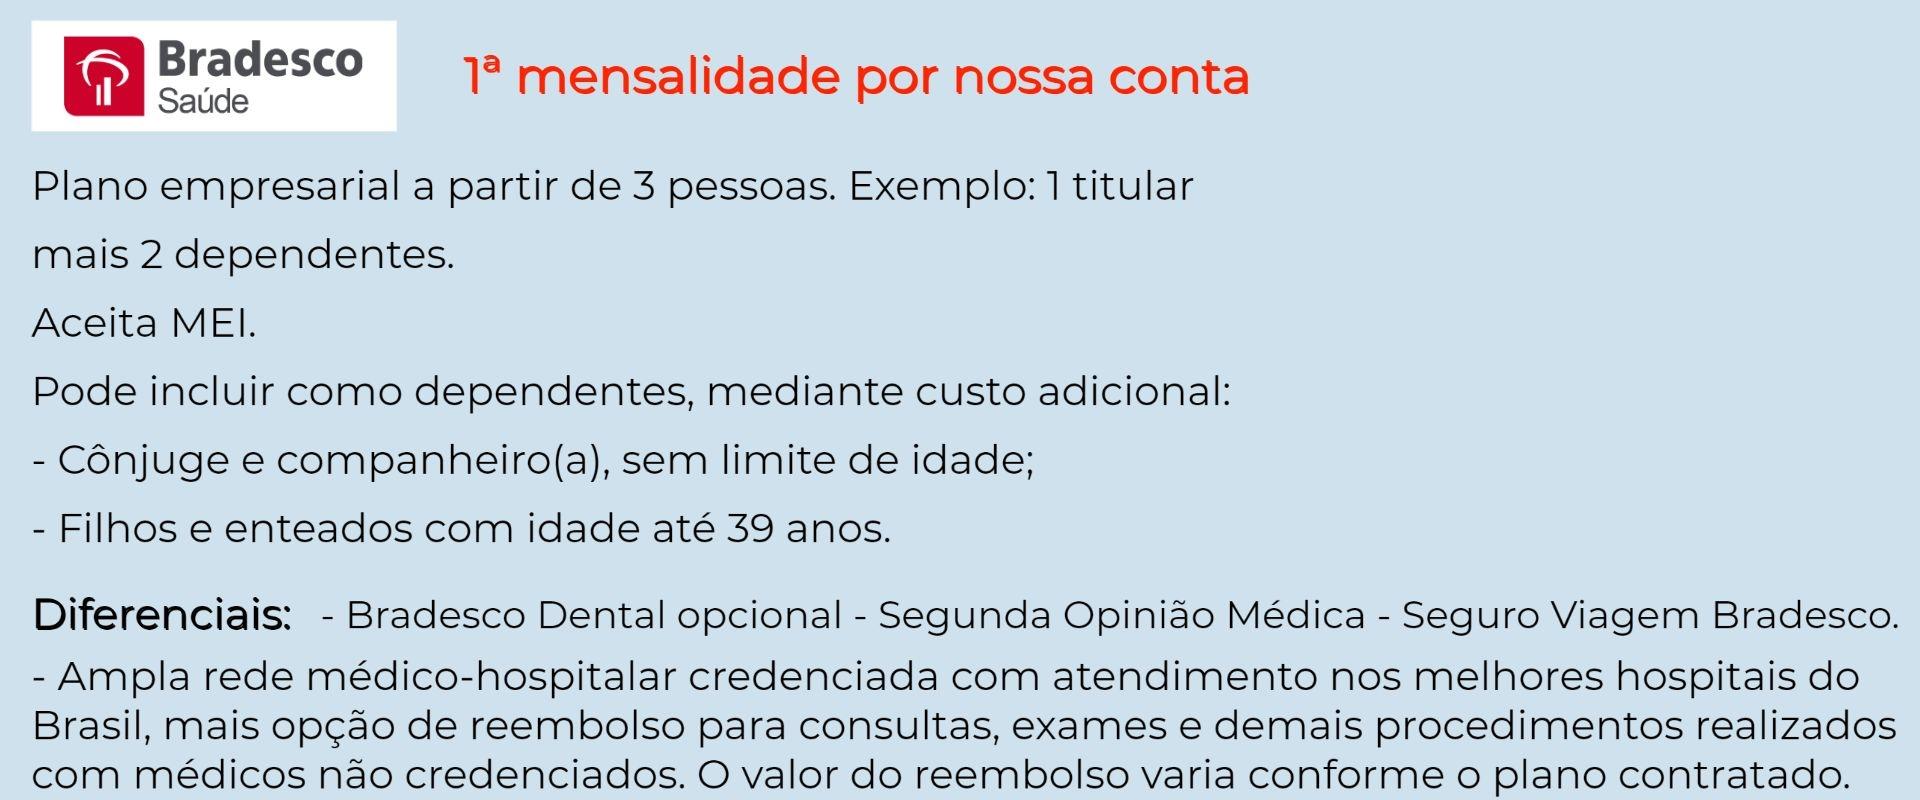 Bradesco Saúde Empresarial - São Paulo